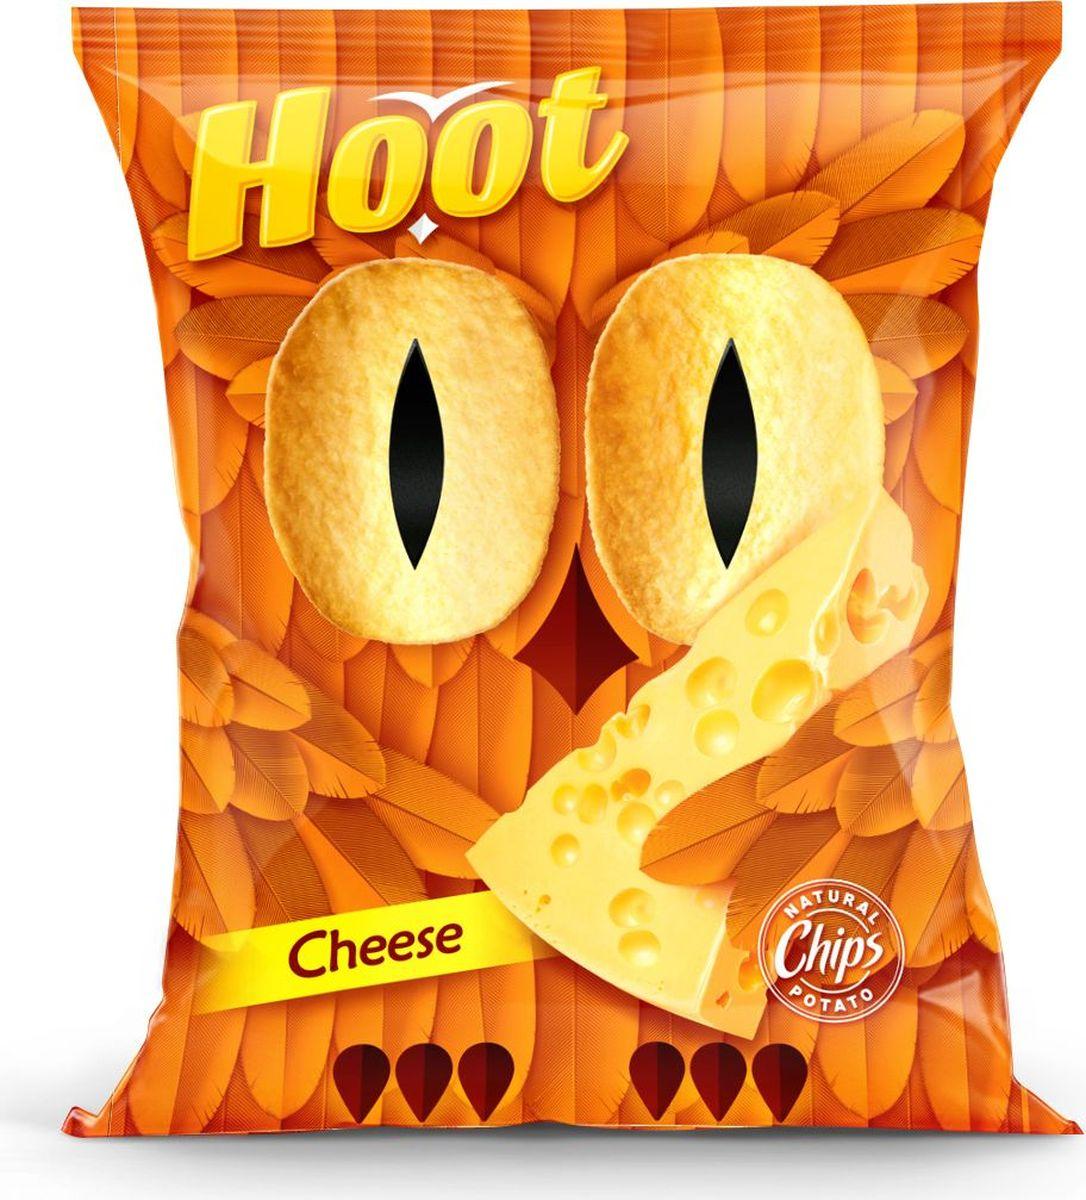 Hoot Чипсы, сыр, 150 г4760156030363Картофельные чипсы со вкусом сыра.